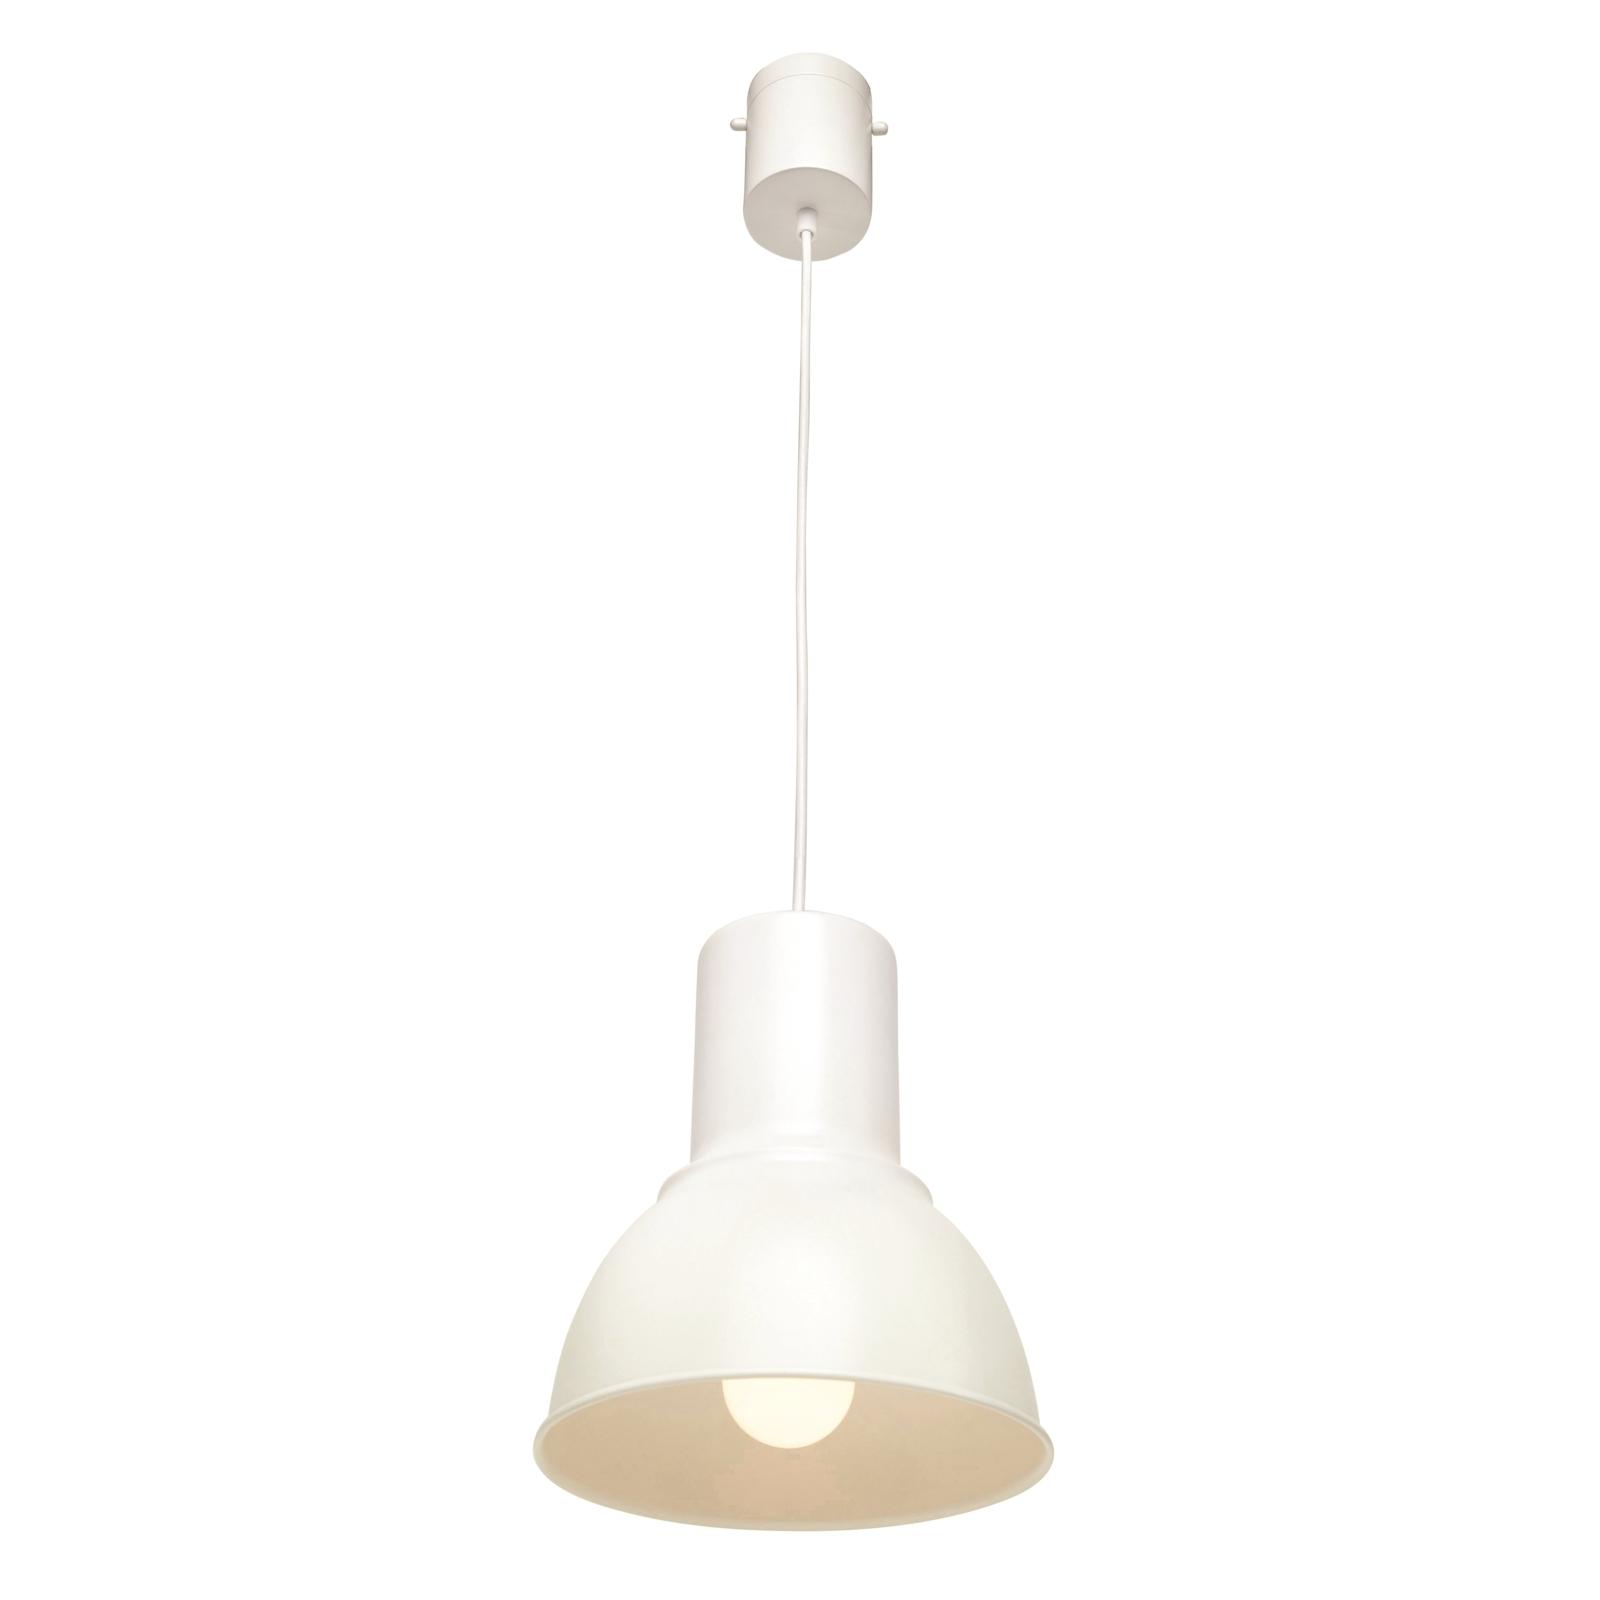 Brilliant 23cm White Hugo DIY Plug-In Metal Industrial Pendant Light